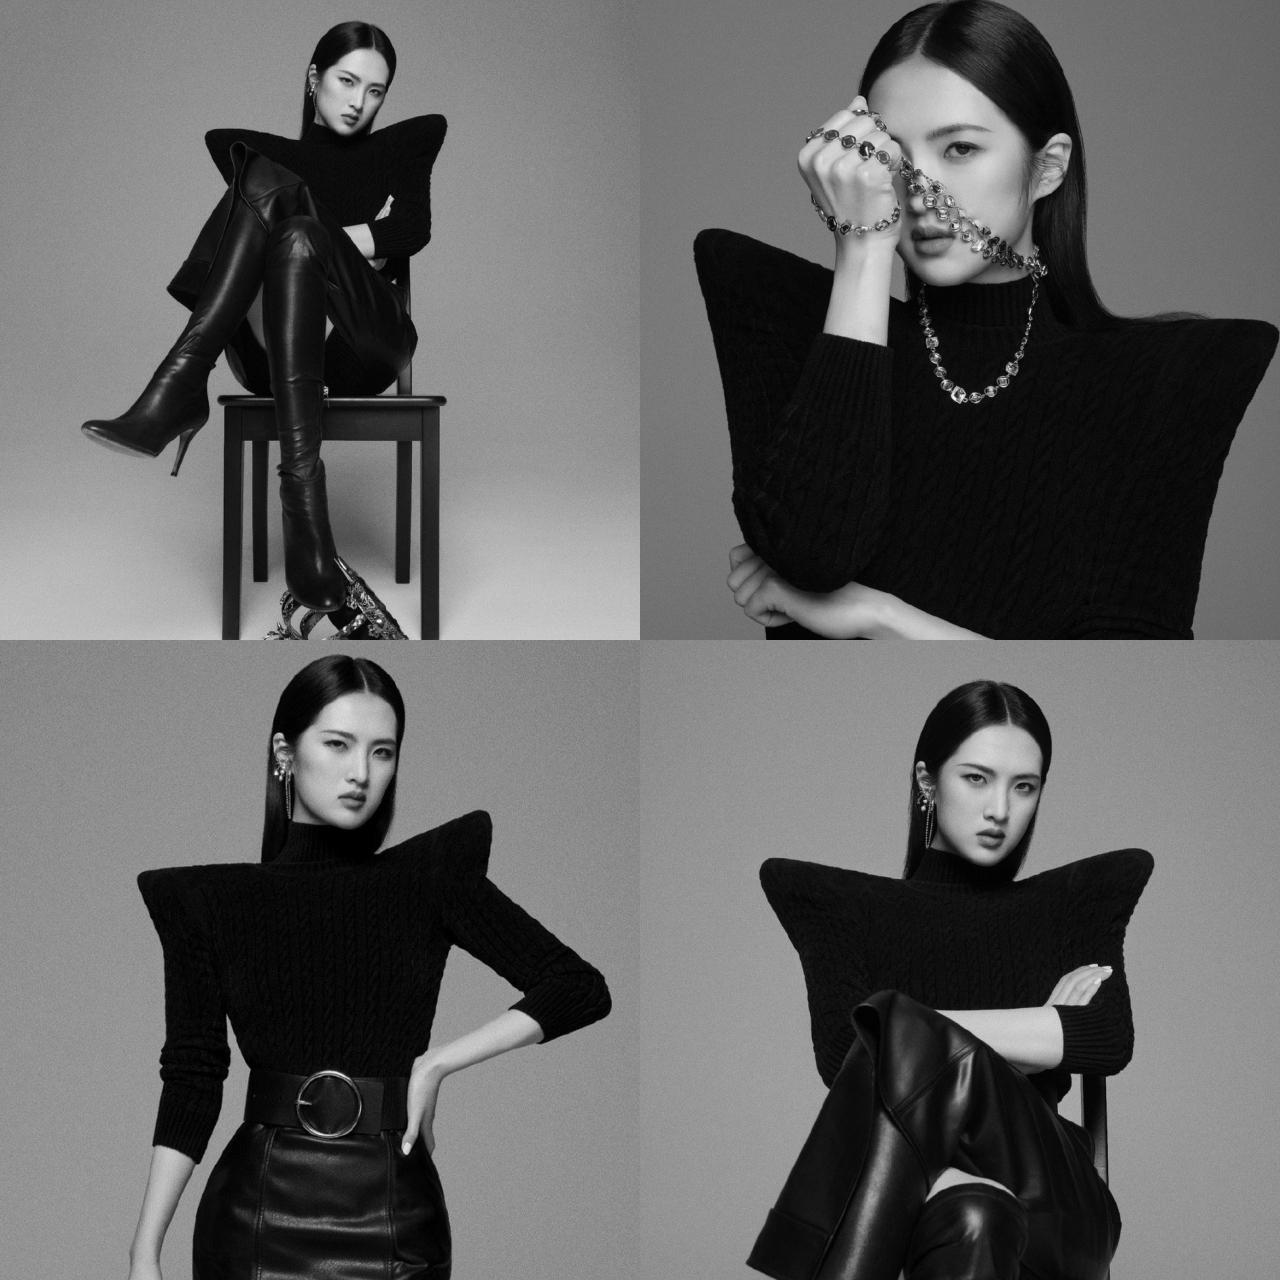 'Công chúa Huawei' Annabel Yao công bố dấn thân showbiz đúng sinh nhật, lập tức No.1 hot search Trung Quốc 0